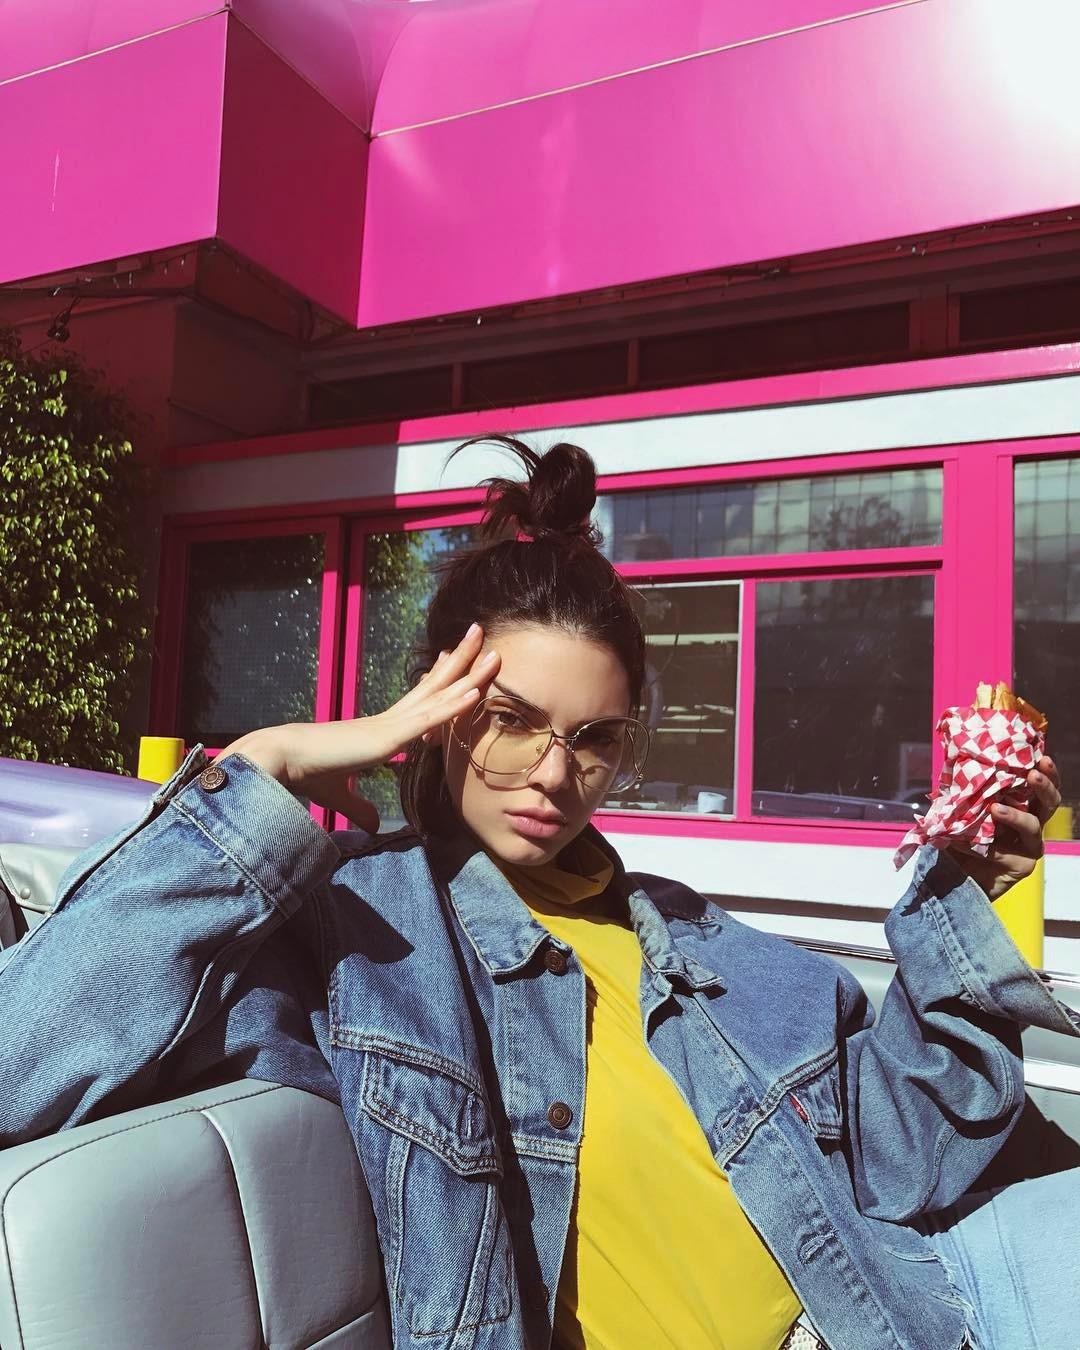 Bảng xếp hạng làng thời trang trên Instagram năm 2017: siêu mẫu Kendall Jenner xưng hậu, nhà mốt Chanel xưng vương - Ảnh 13.